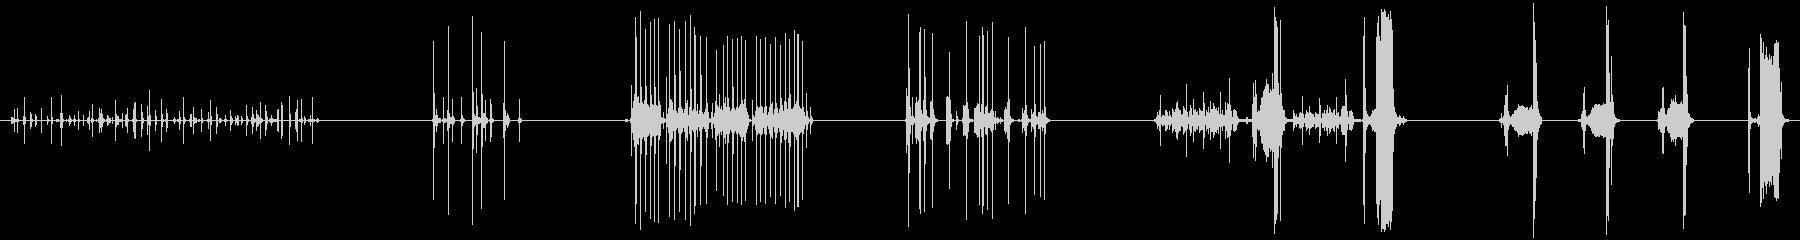 タイプライティング、5バージョン、...の未再生の波形